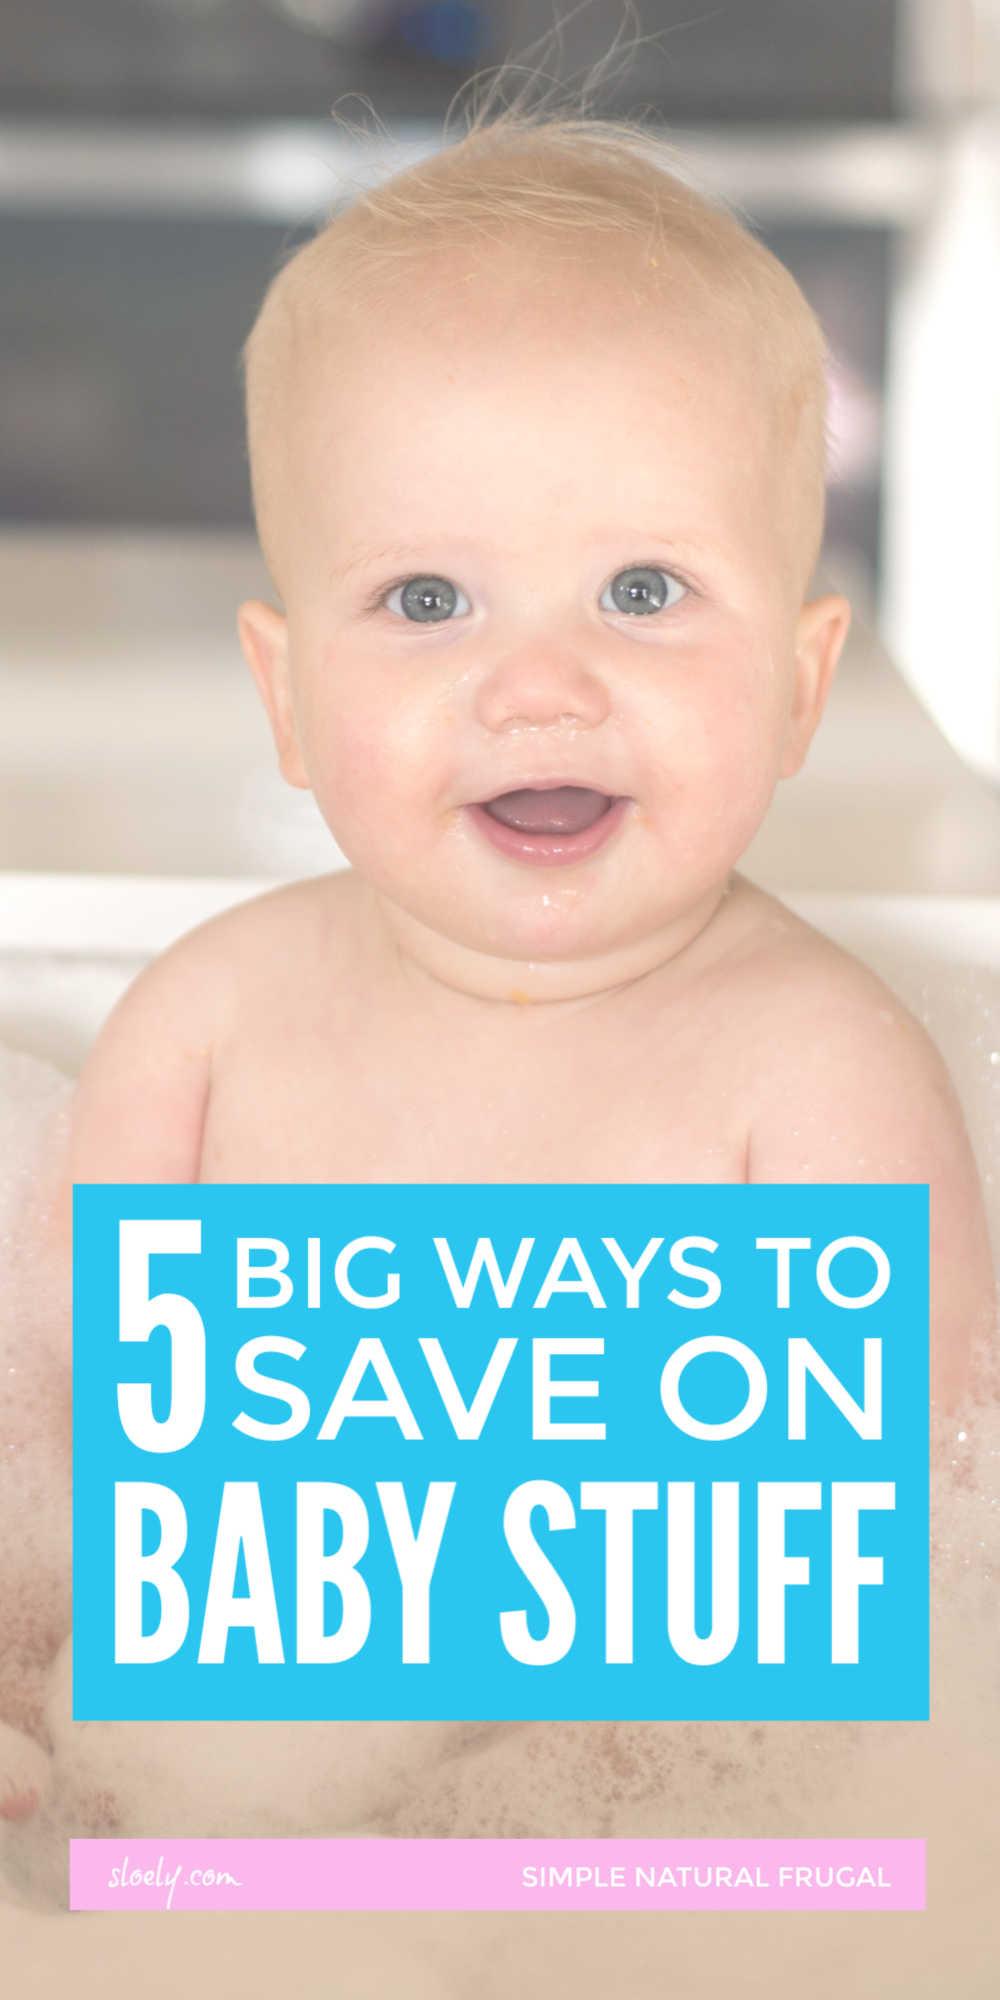 Best Ways To Save Money On Baby Stuff